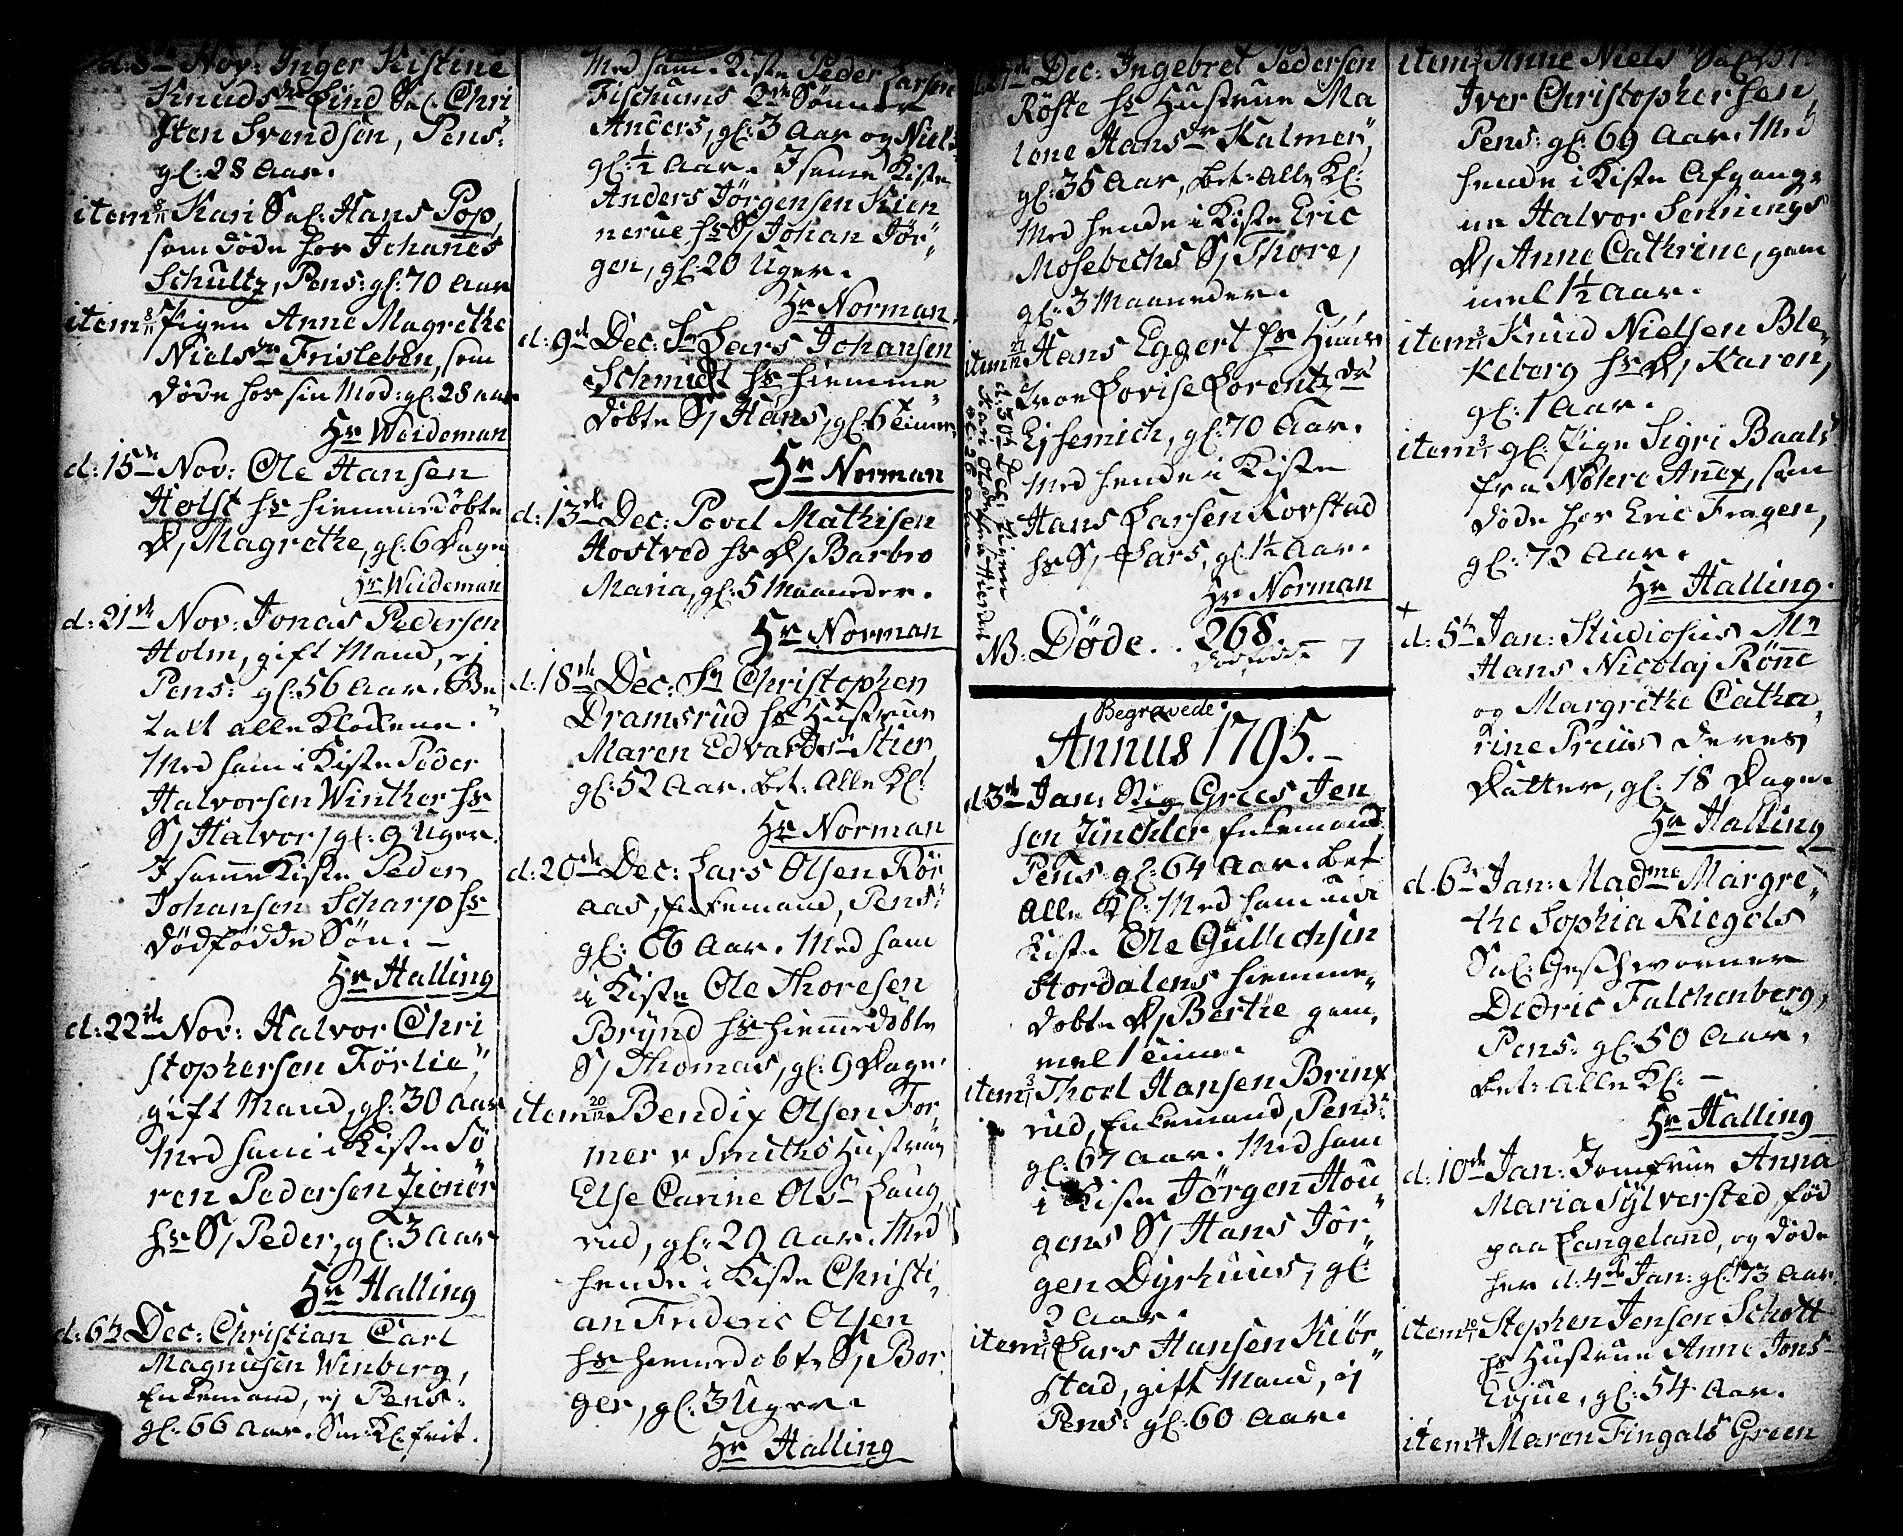 SAKO, Kongsberg kirkebøker, F/Fa/L0006: Ministerialbok nr. I 6, 1783-1797, s. 254